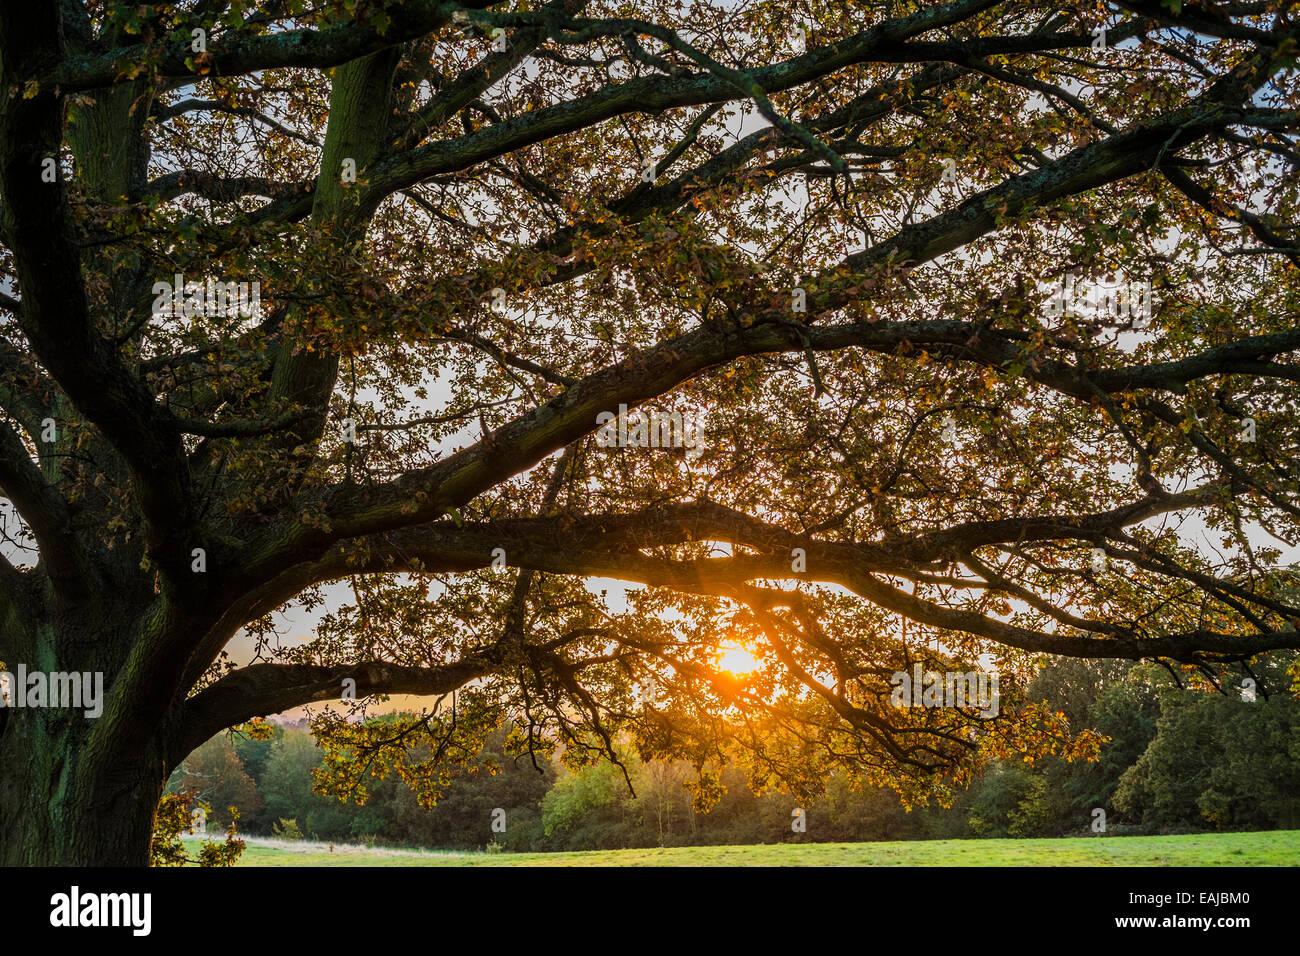 Autumn morning sunrise on Hampstead Heath - London - Stock Image